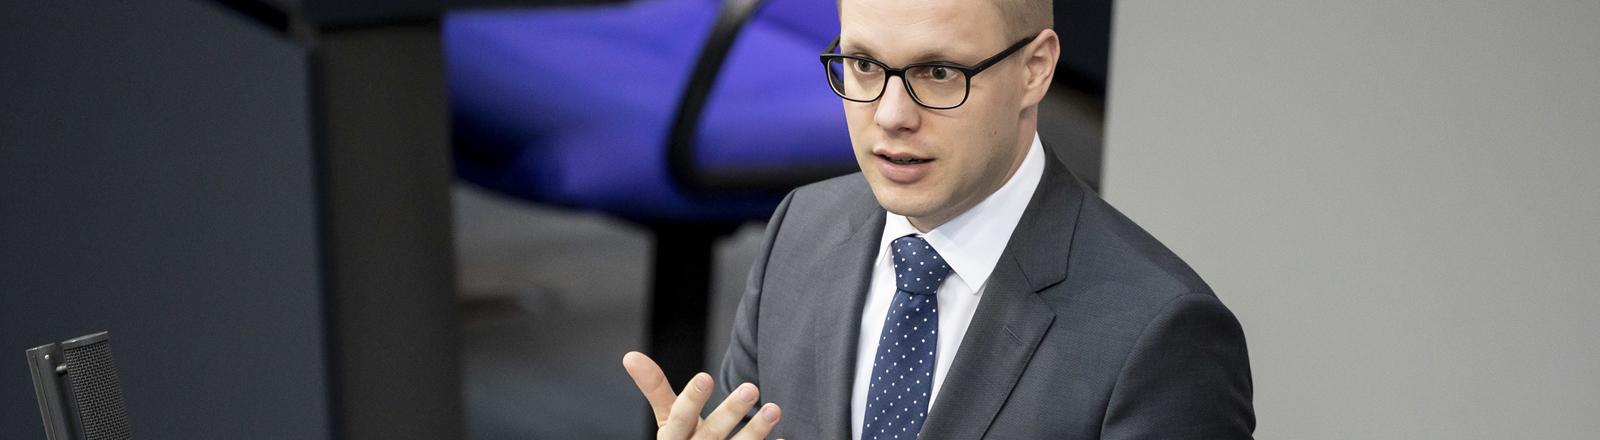 Jens Brandenburg von der FDP